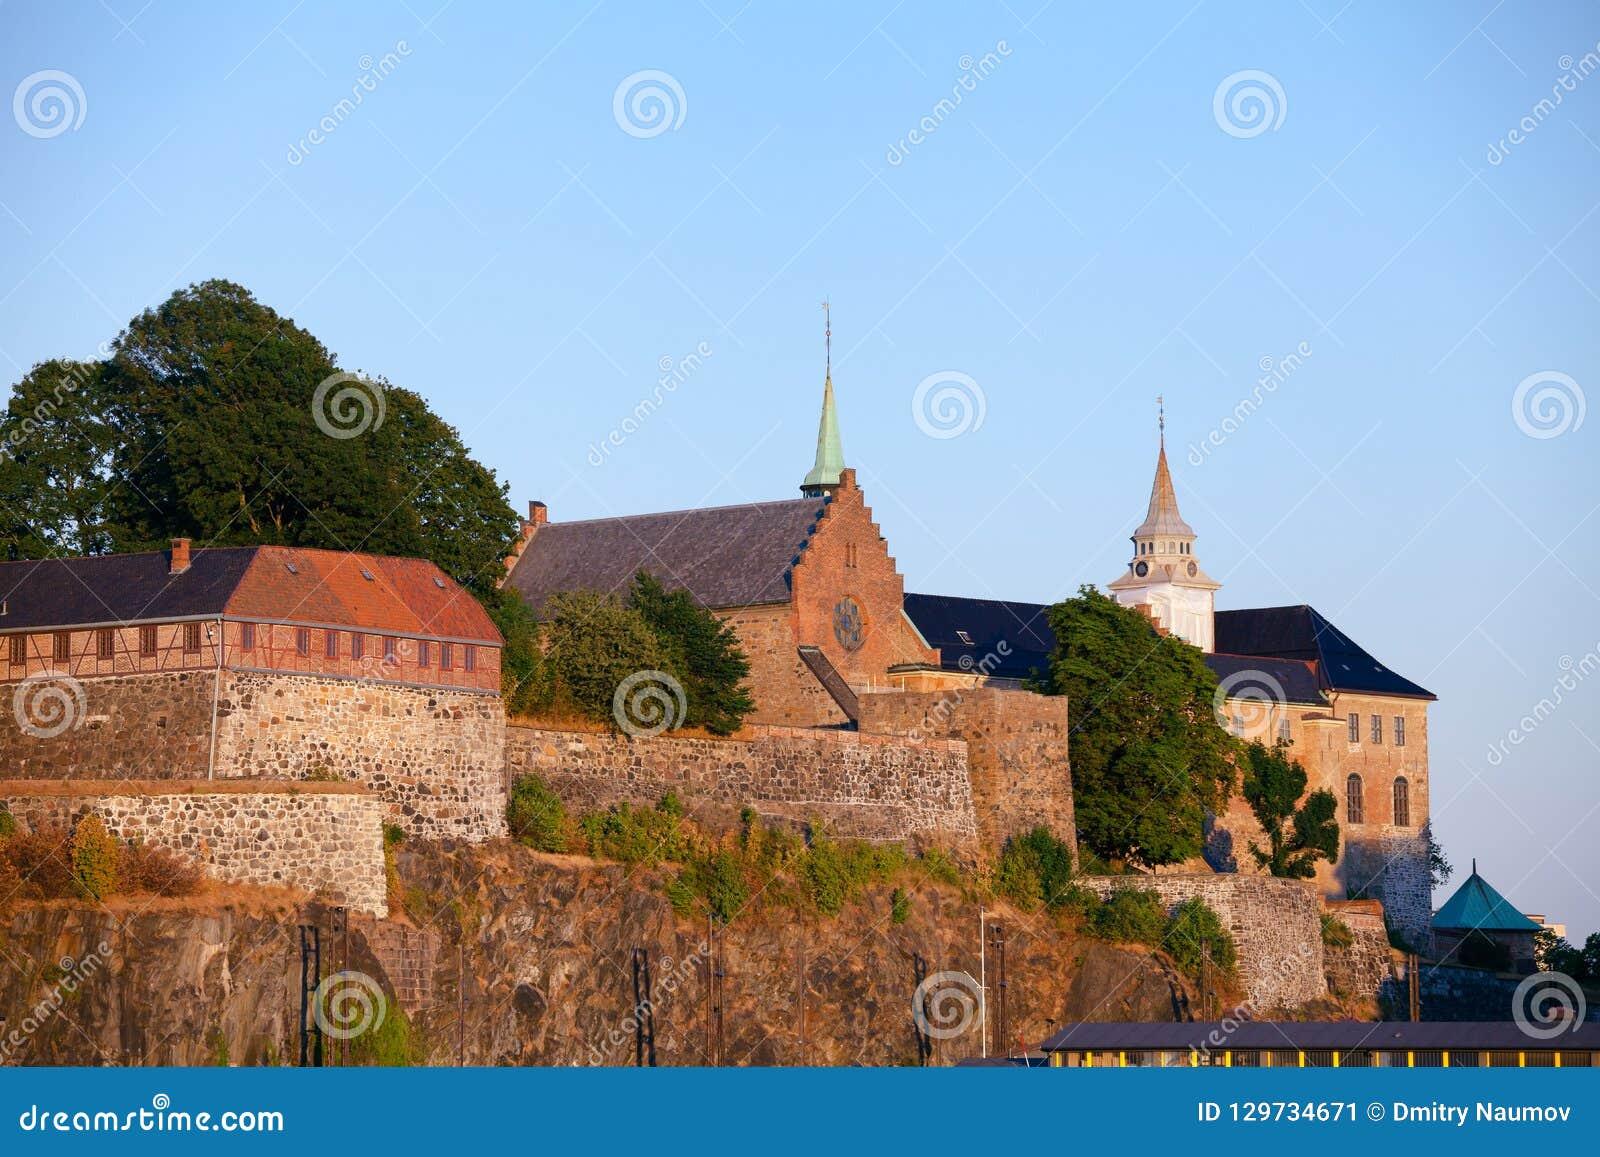 阿克什胡斯城堡和堡垒奥斯陆中部挪威Scandanavia